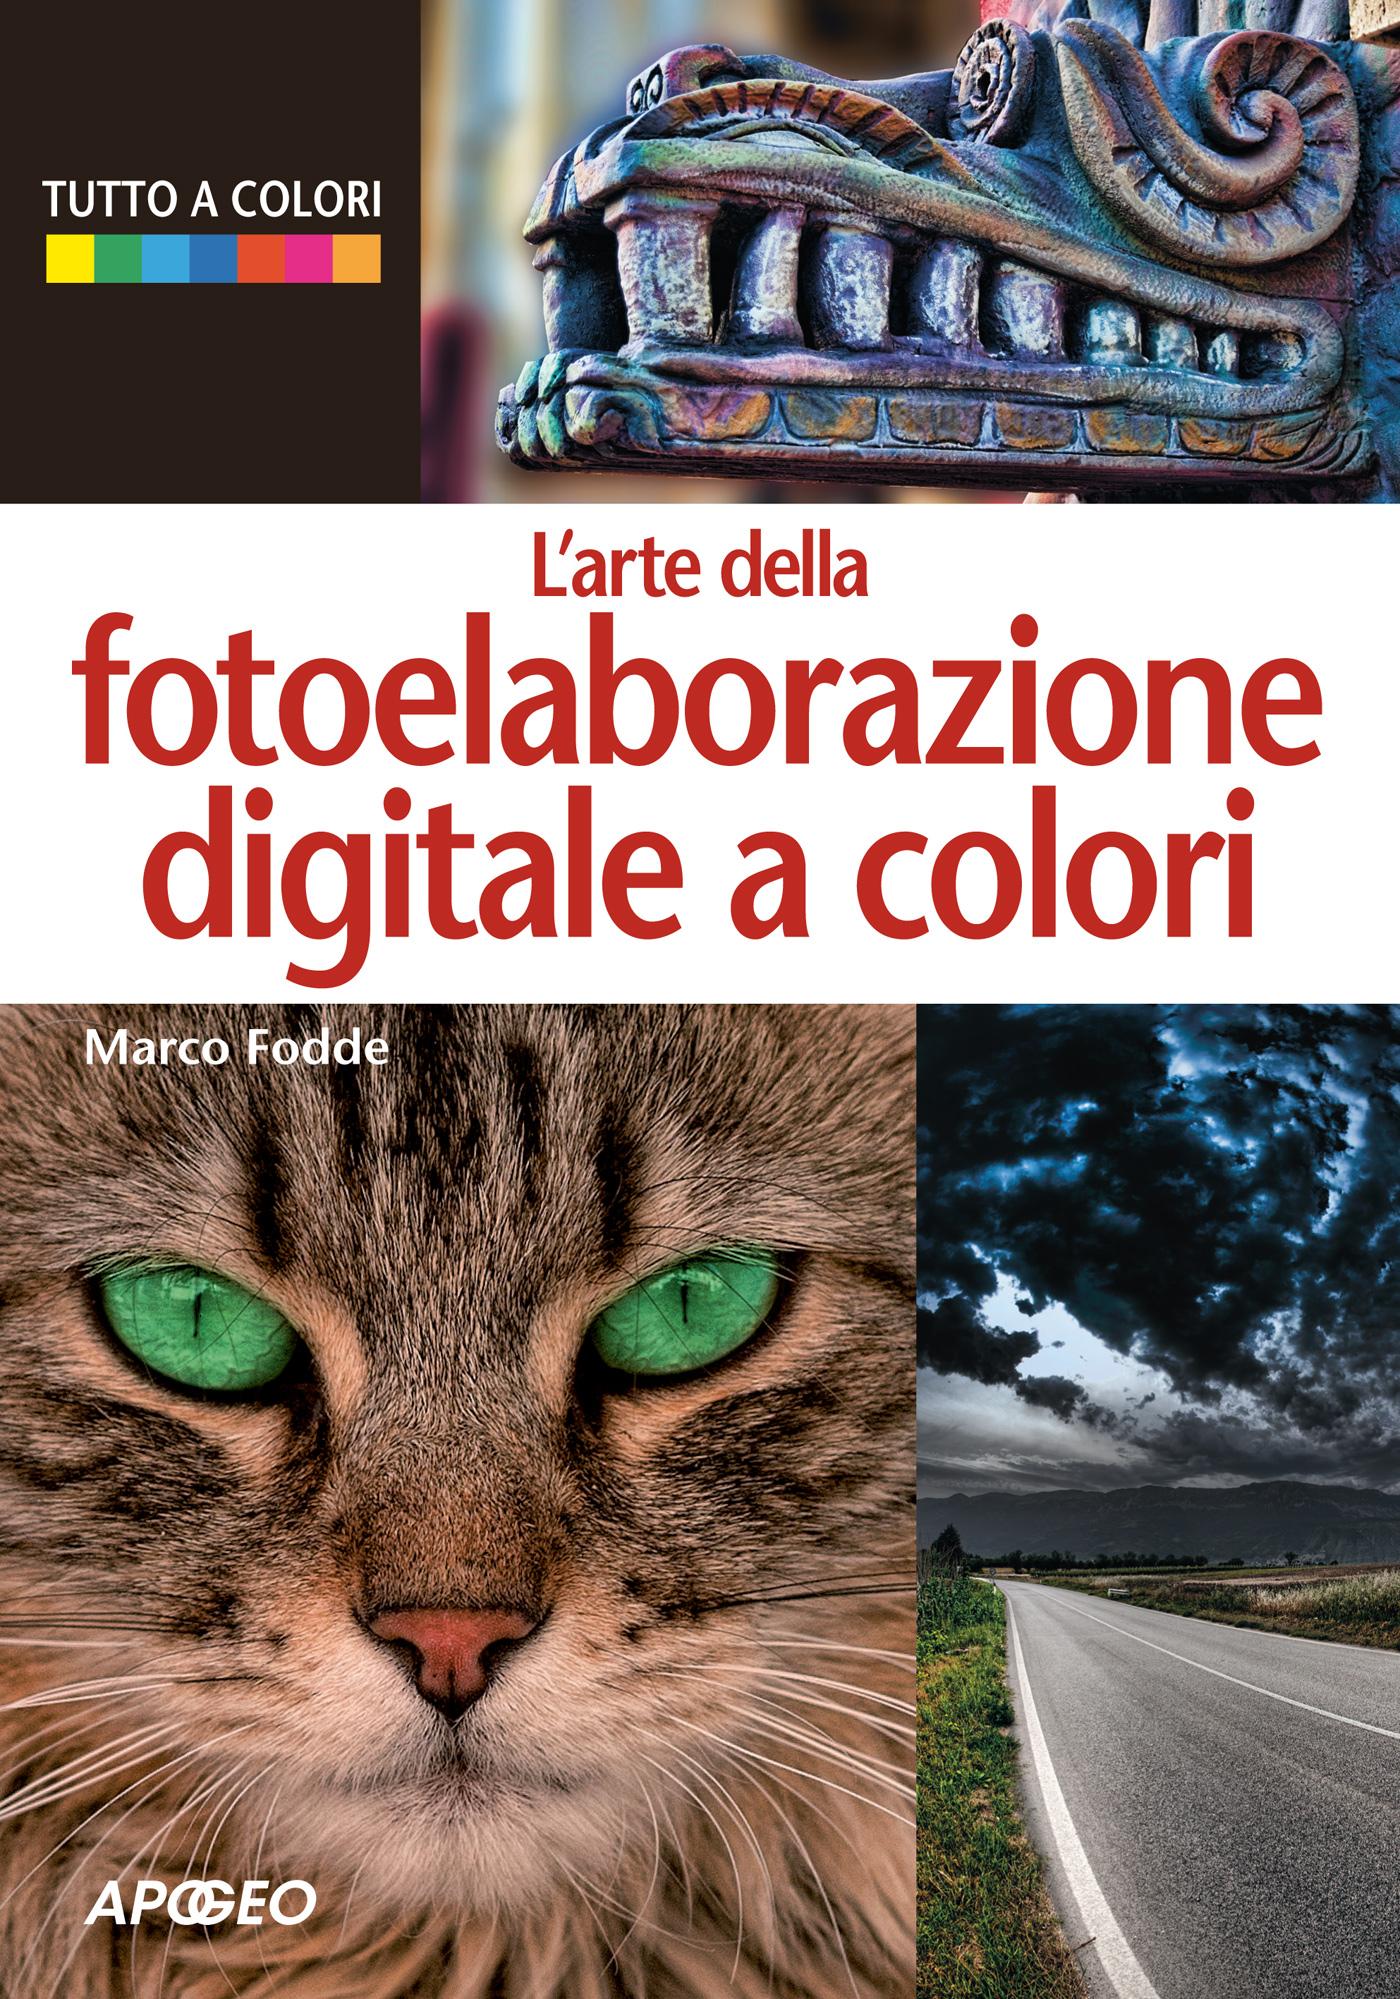 L'arte della fotoelaborazione digitale a colori